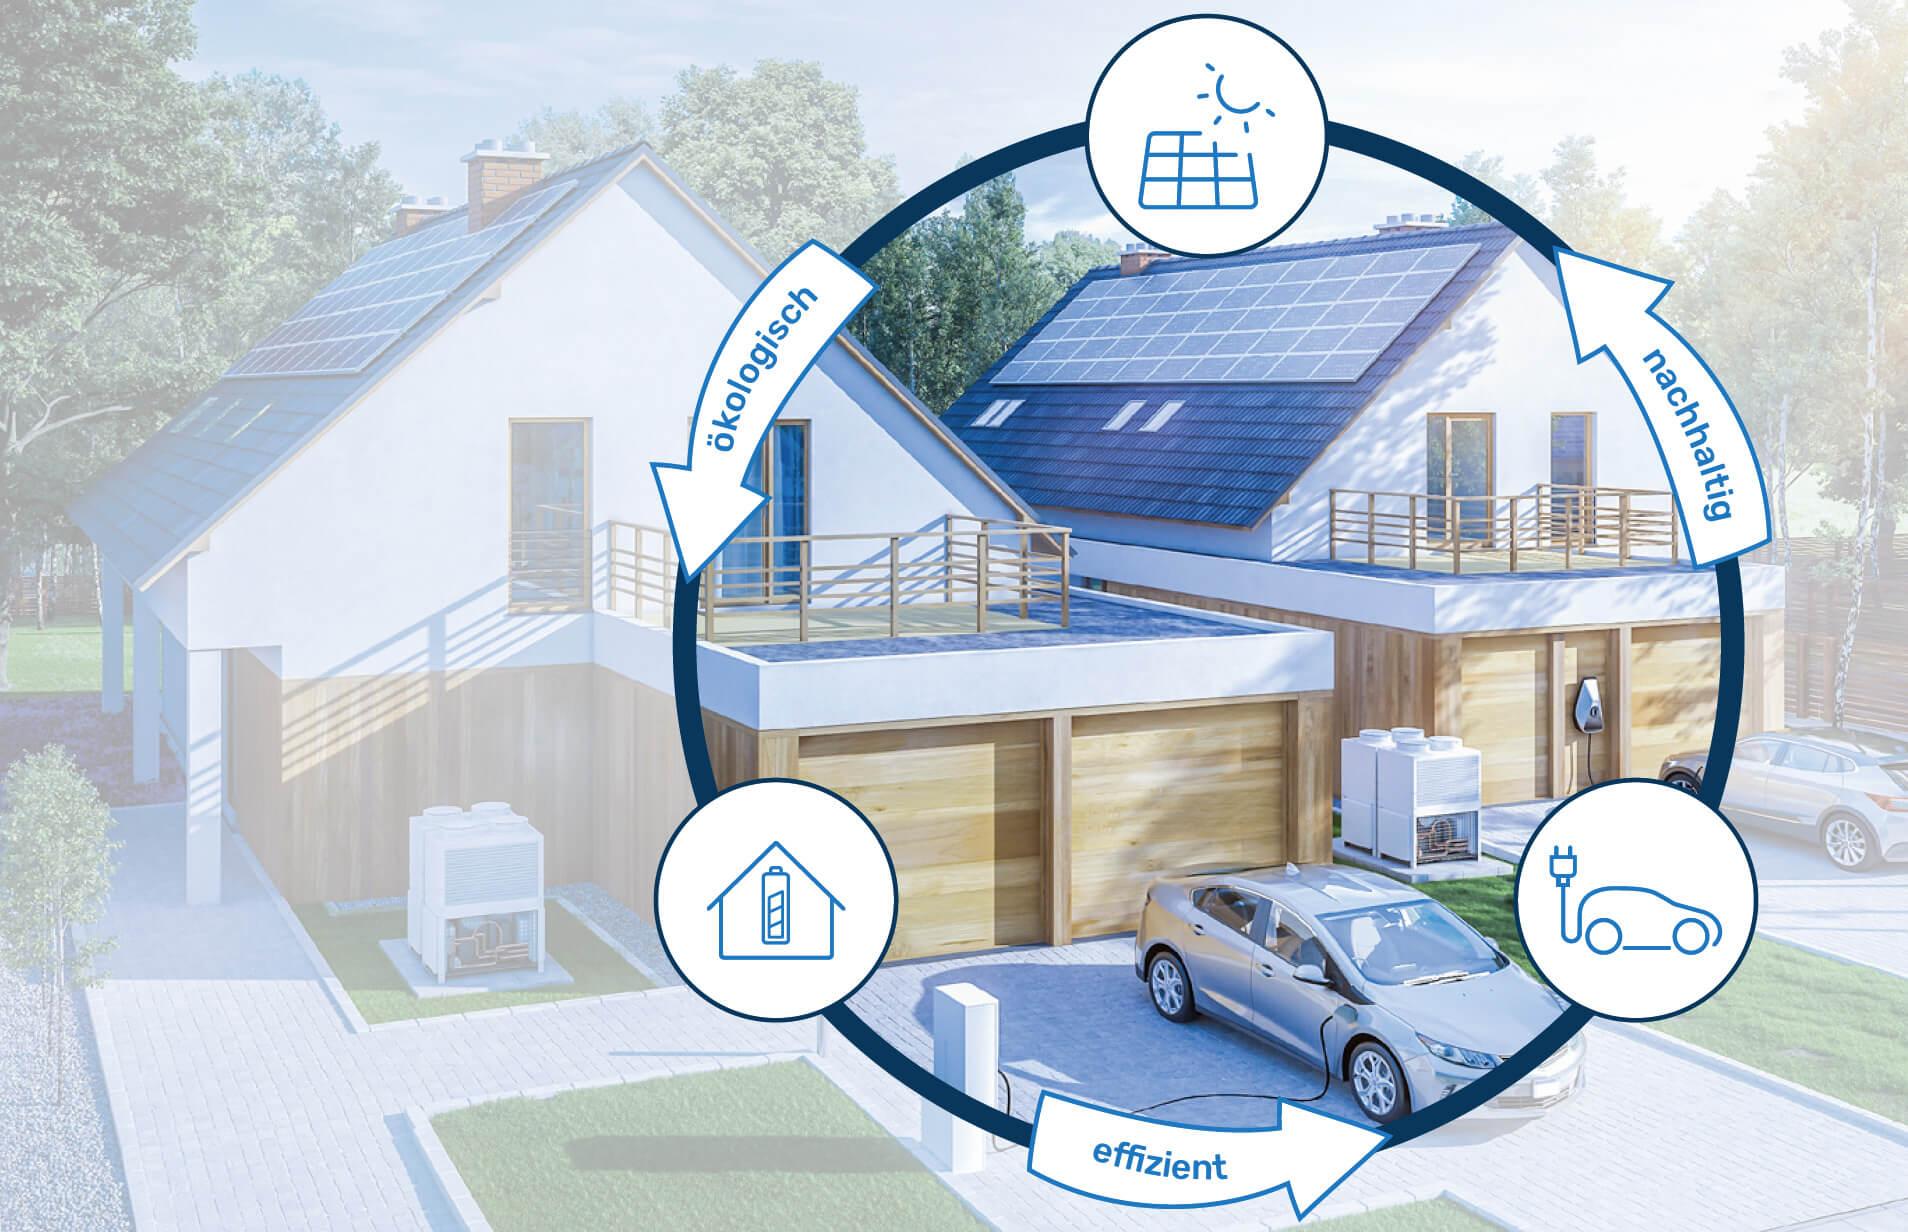 ewh-energieeffizienz